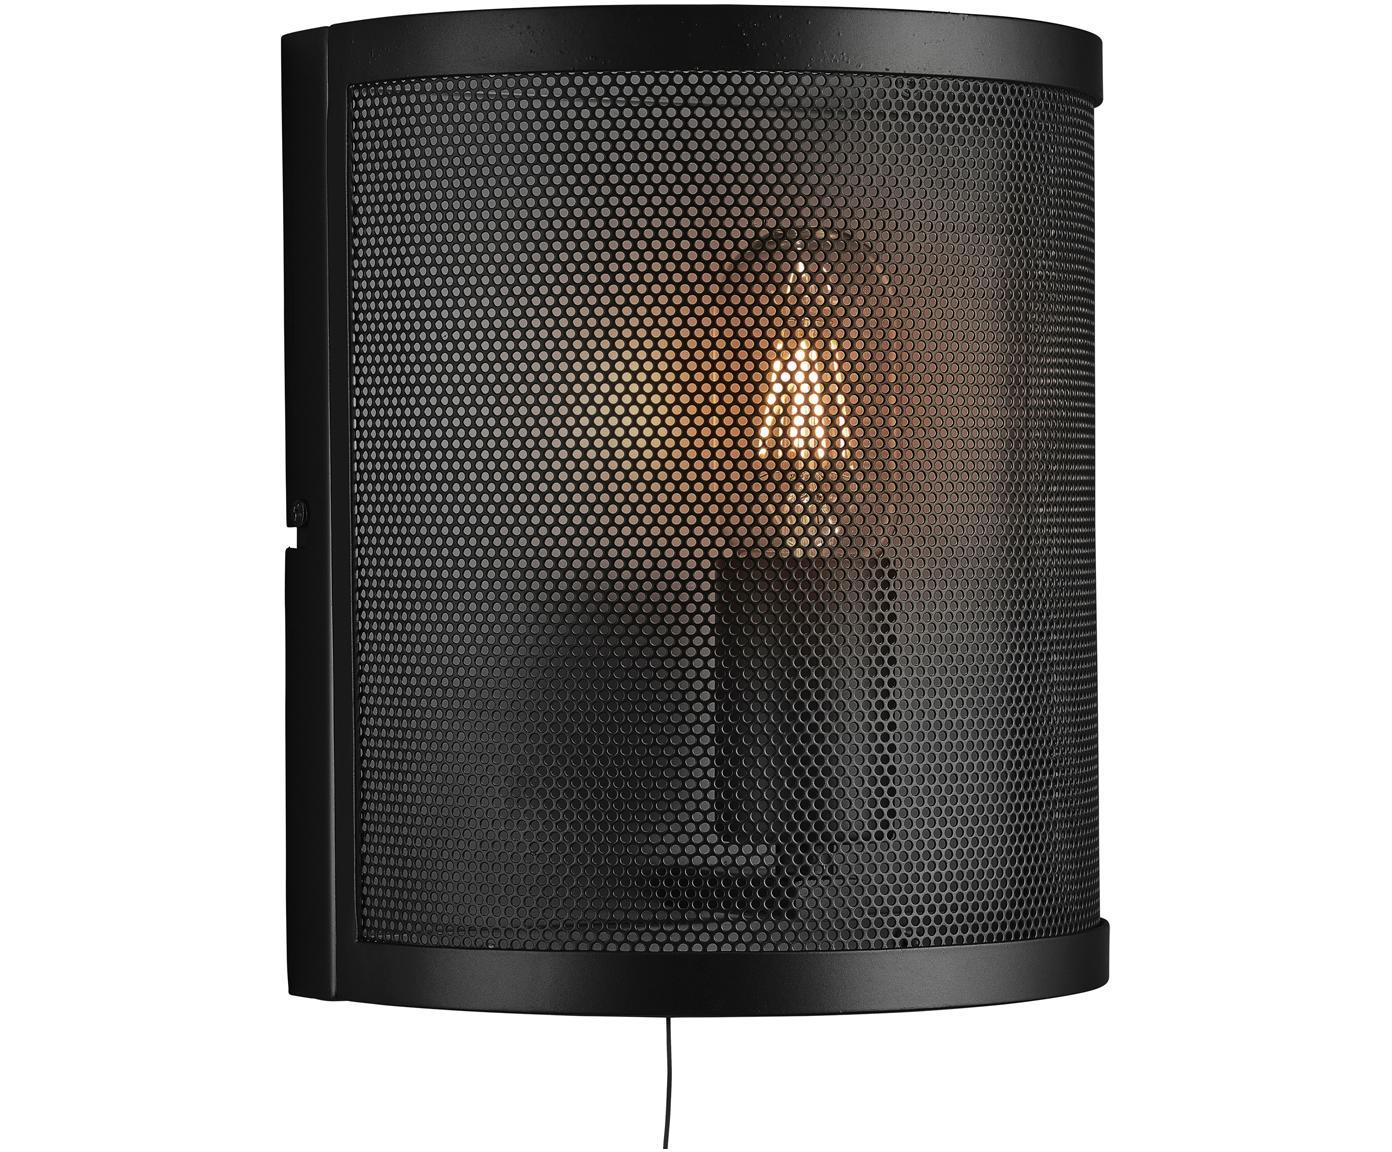 Wandlamp Fishnet, Gelakt metaal, Zwart, 20 x 23 cm